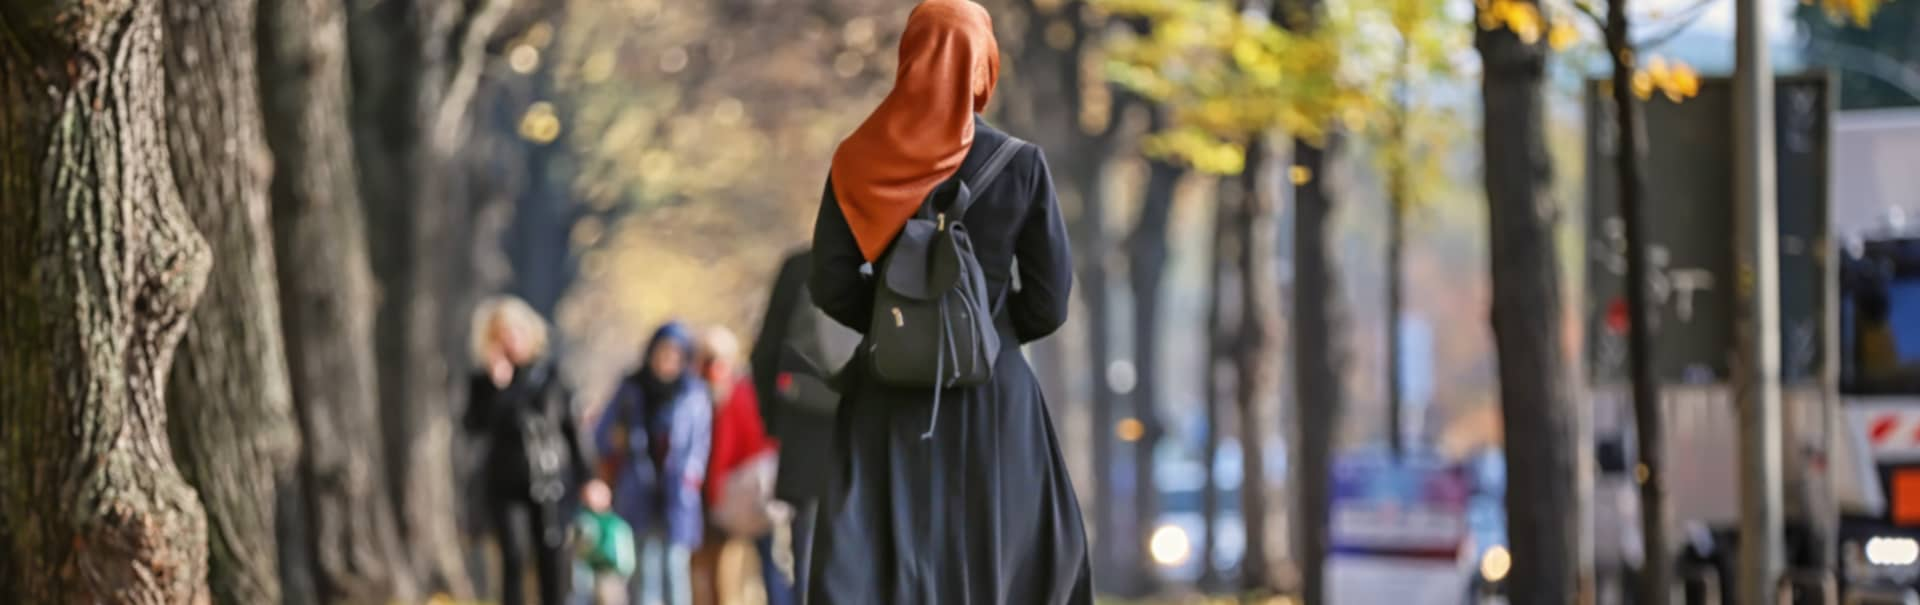 Religion vs. Unternehmensfreiheit: Der EuGH über das Kopftuchverbot